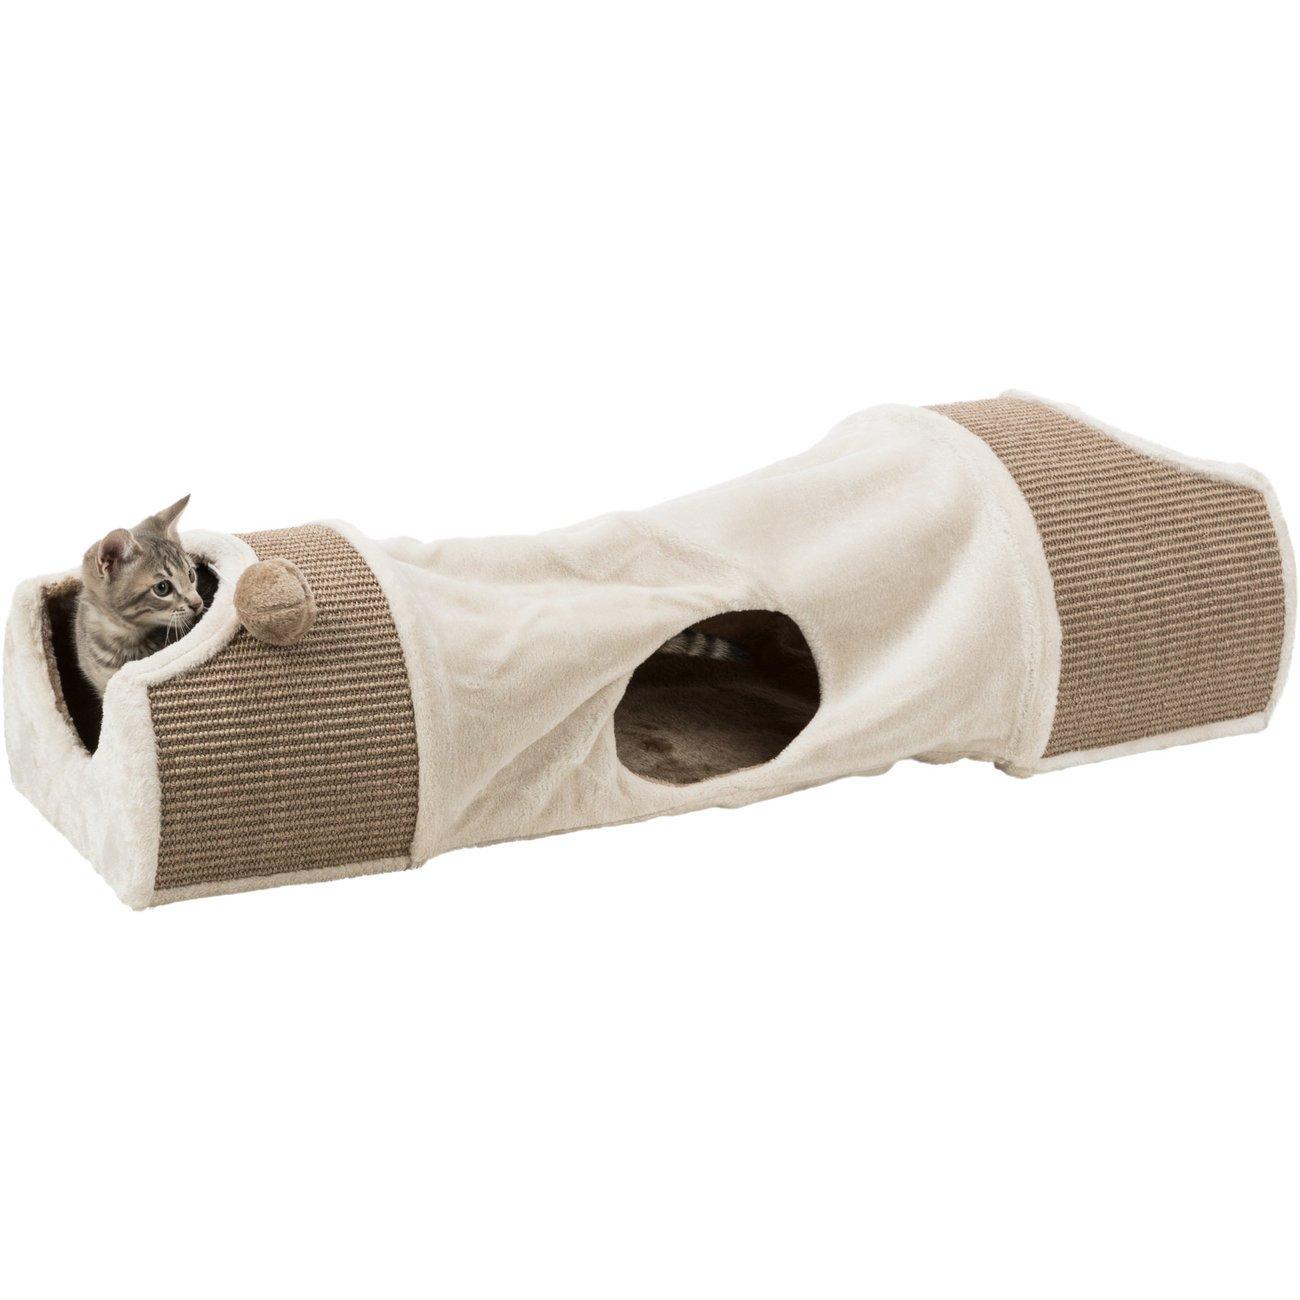 TRIXIE Kratztunnel für Katzen mit Plüsch Bezug 43004